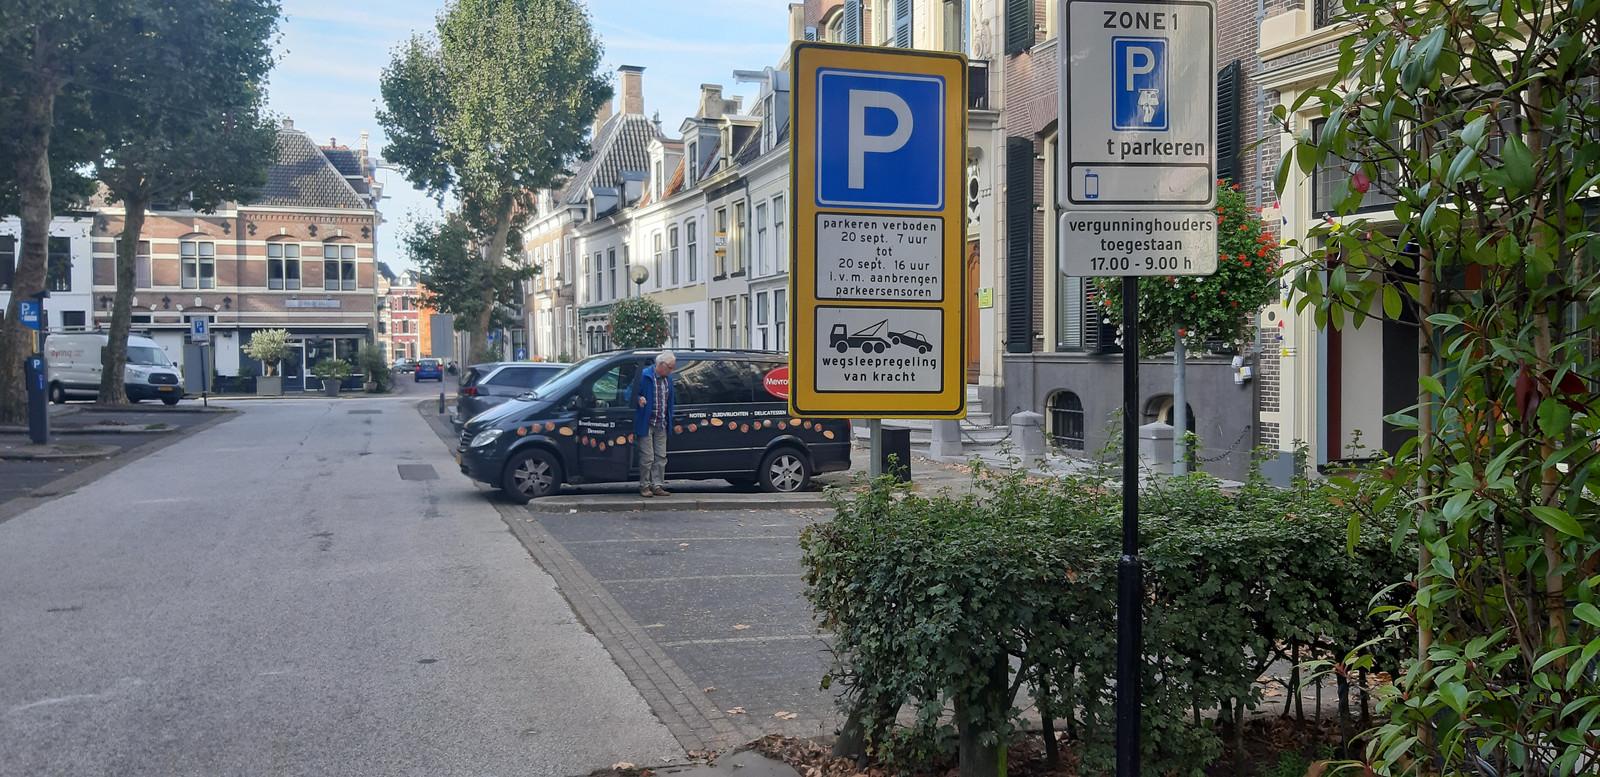 Een parkeerder kijkt verbaasd naar de sensoren die zijn aangebracht in de parkeervakken.